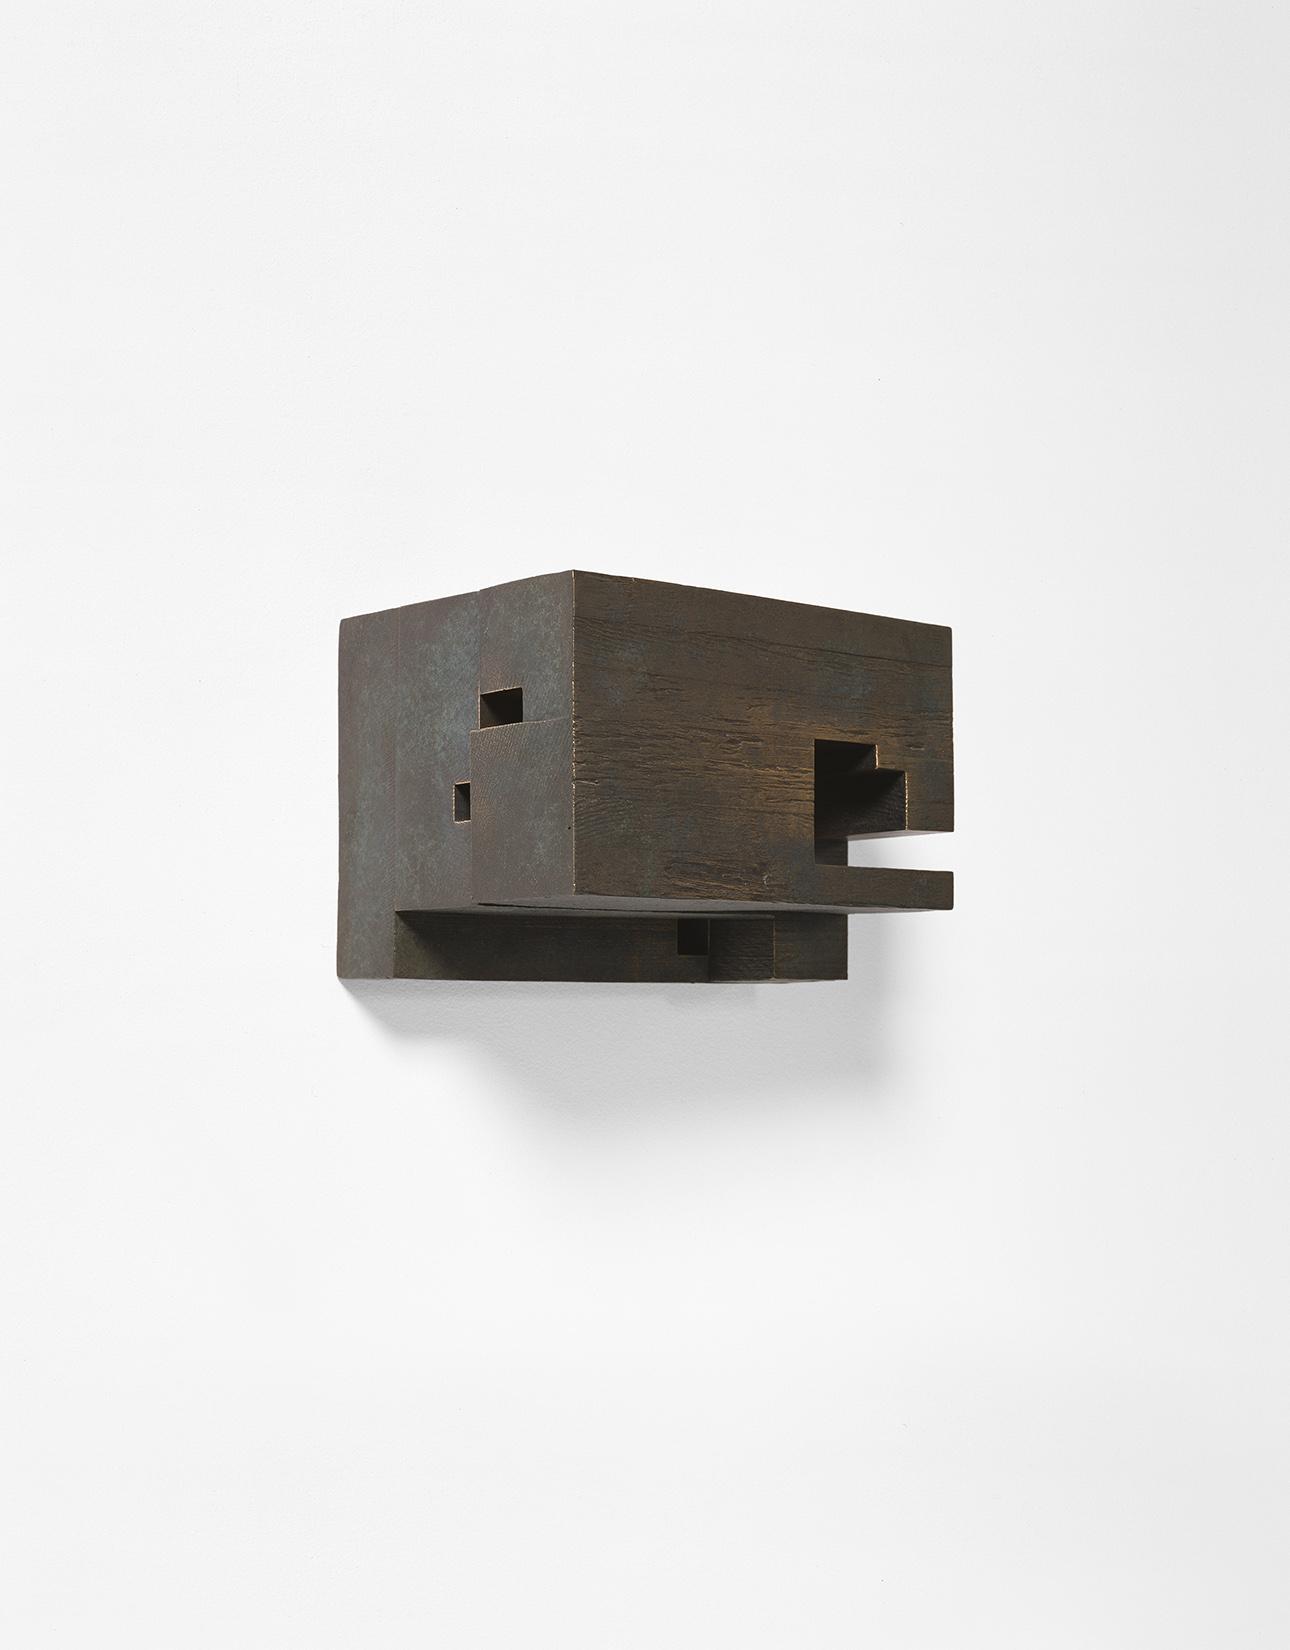 Demeure V  (2001)   Bronze oxydé, 16 x 22 x 17 cm, collection de l'artiste. photo : Richard-Max Tremblay